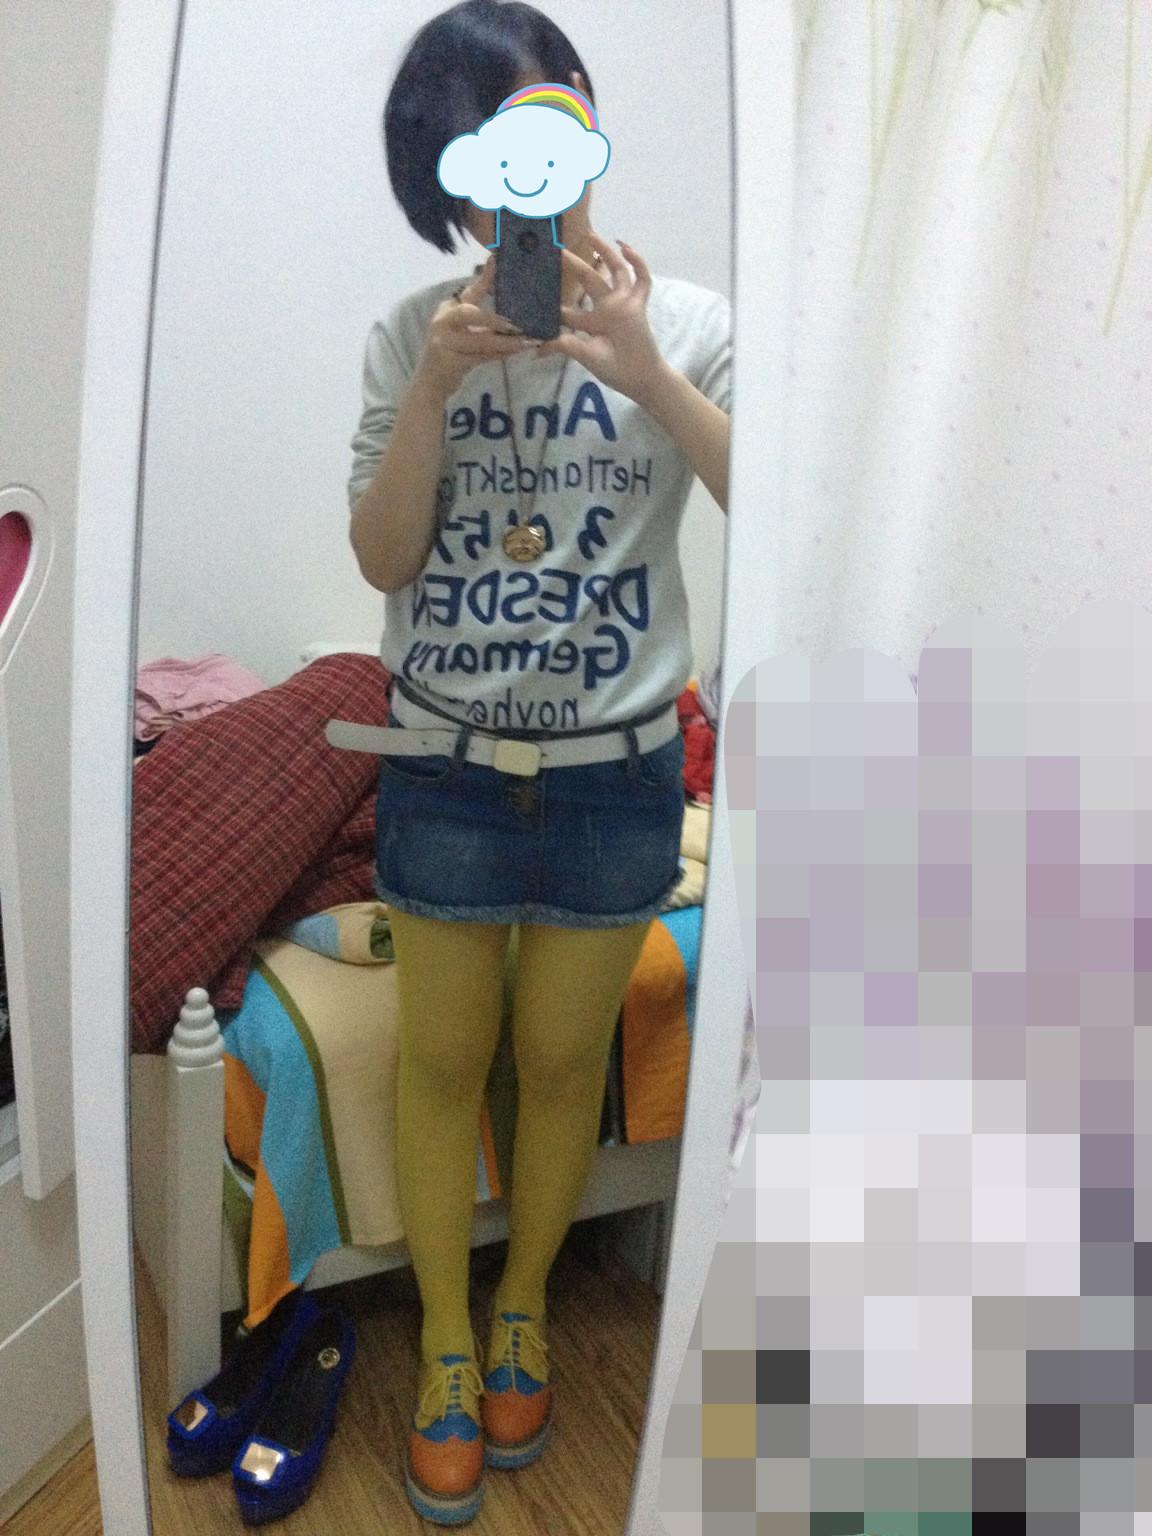 情色丝袜图片_黄色丝袜配牛仔短裙灰色t恤好看吗?_百度知道